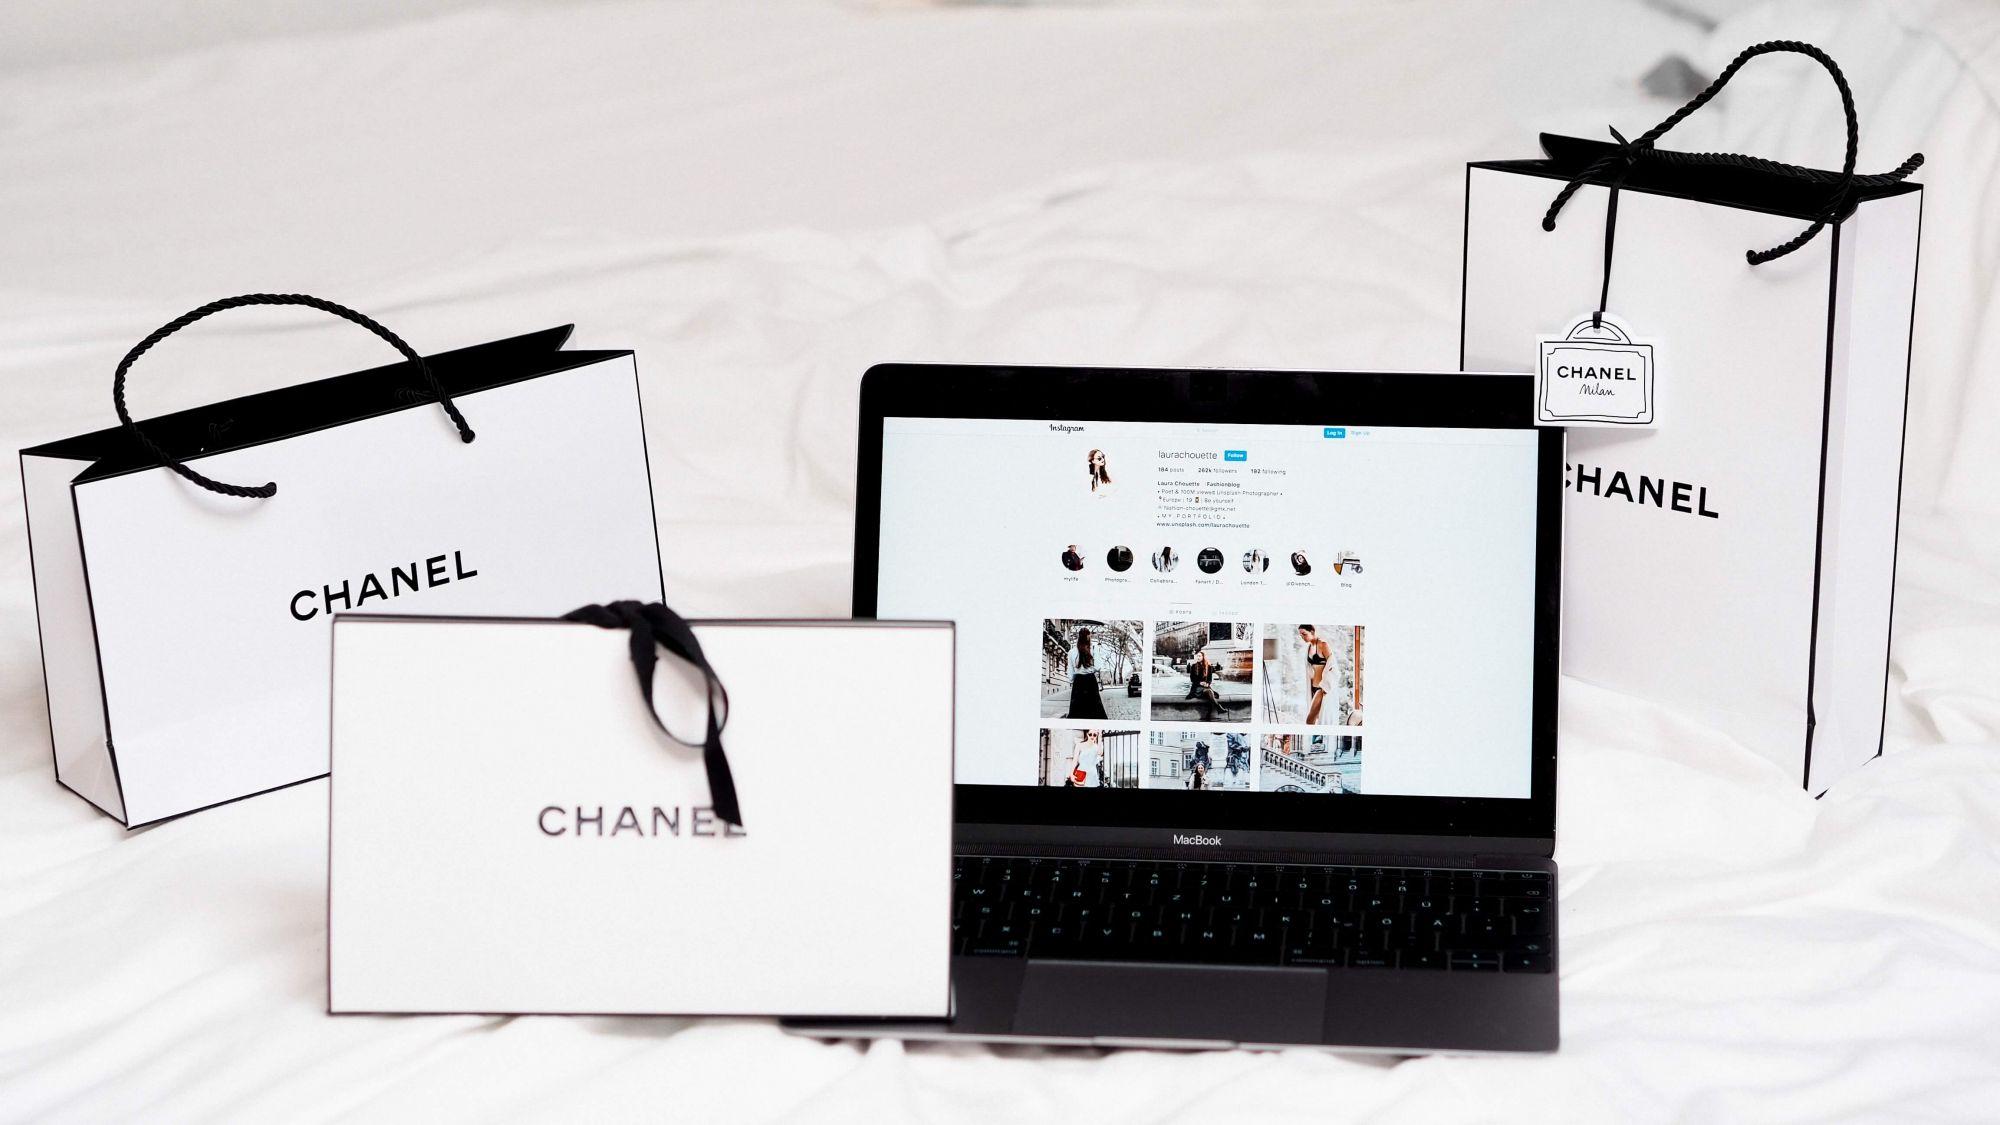 איך להגדיל את כמות הקניות באתר